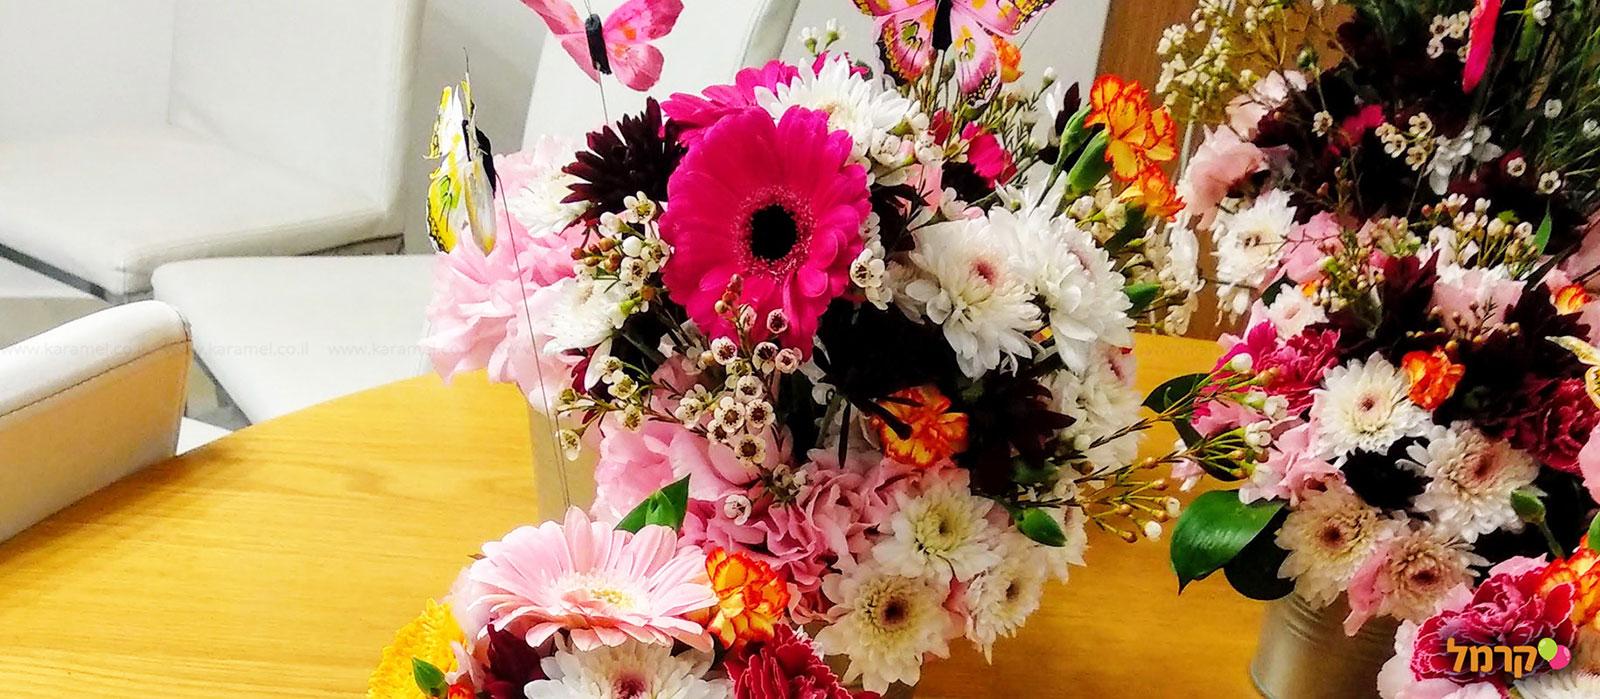 רווה בפרחים - סדנאות שזירה - 073-7026677